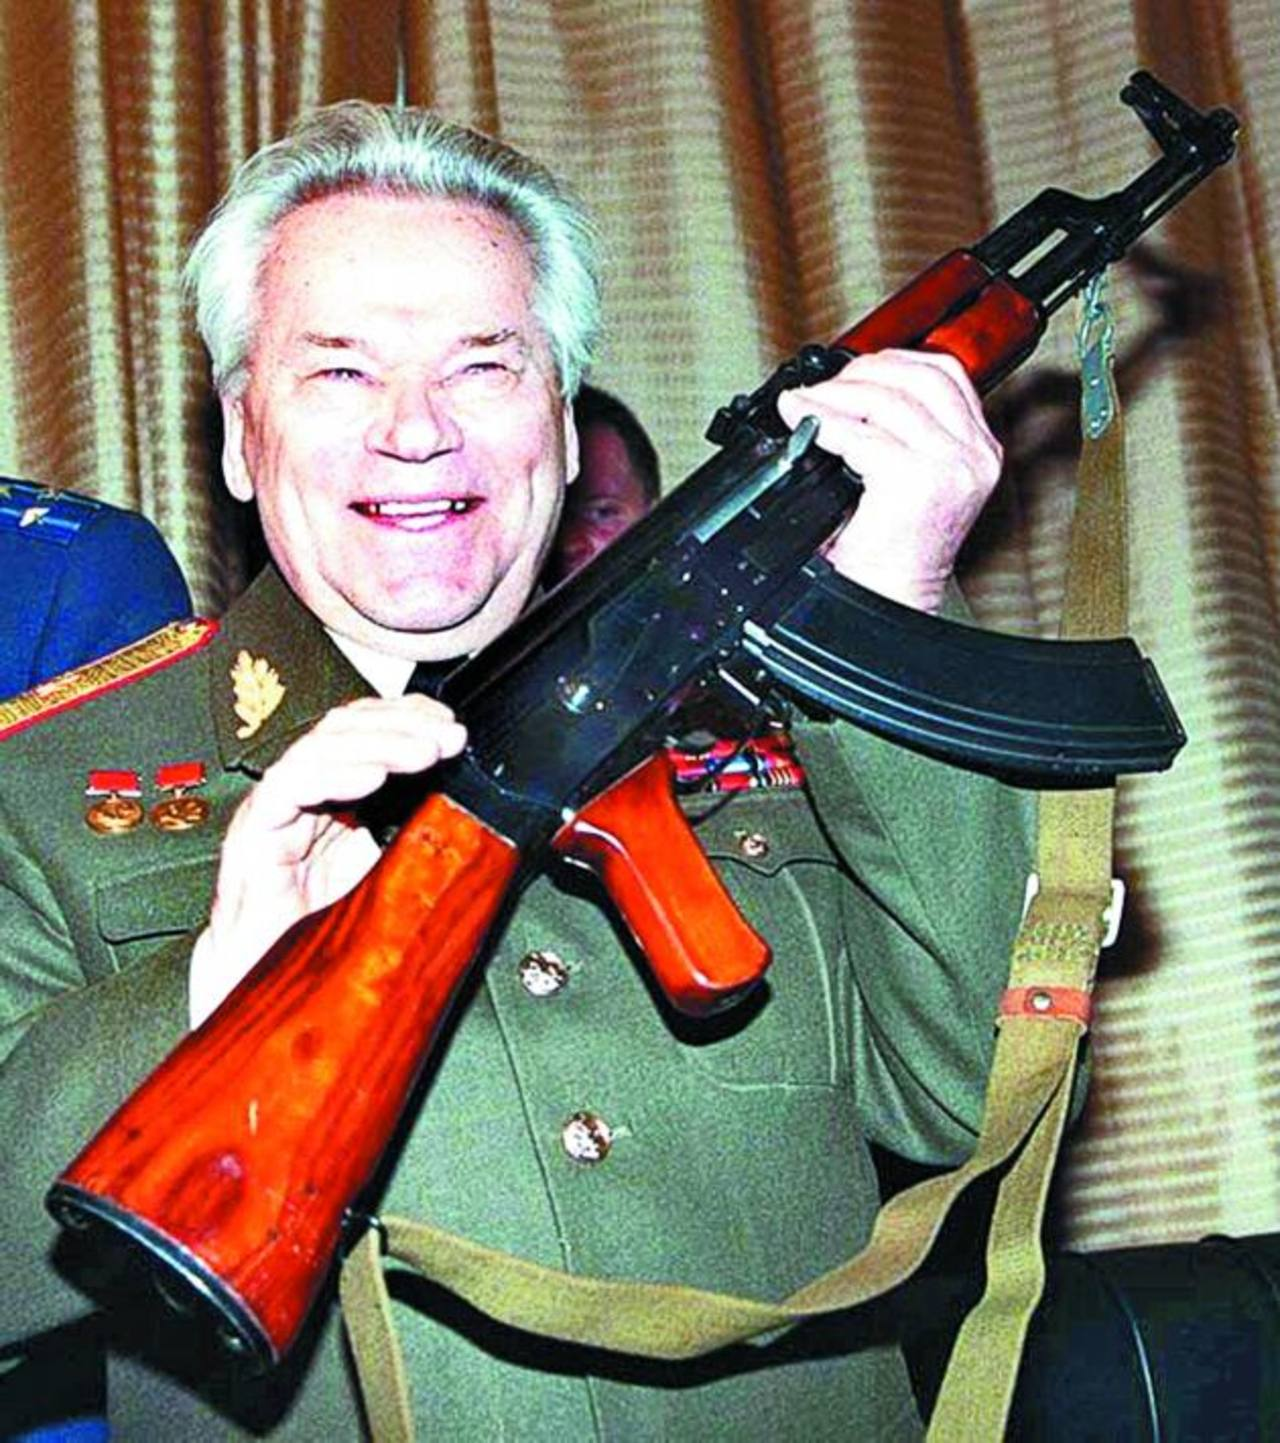 """A principios de los años 70, Kaláshnikov inventó el fusil semiautomático """"Saigá"""", que se labró gran fama en la Unión Soviética."""